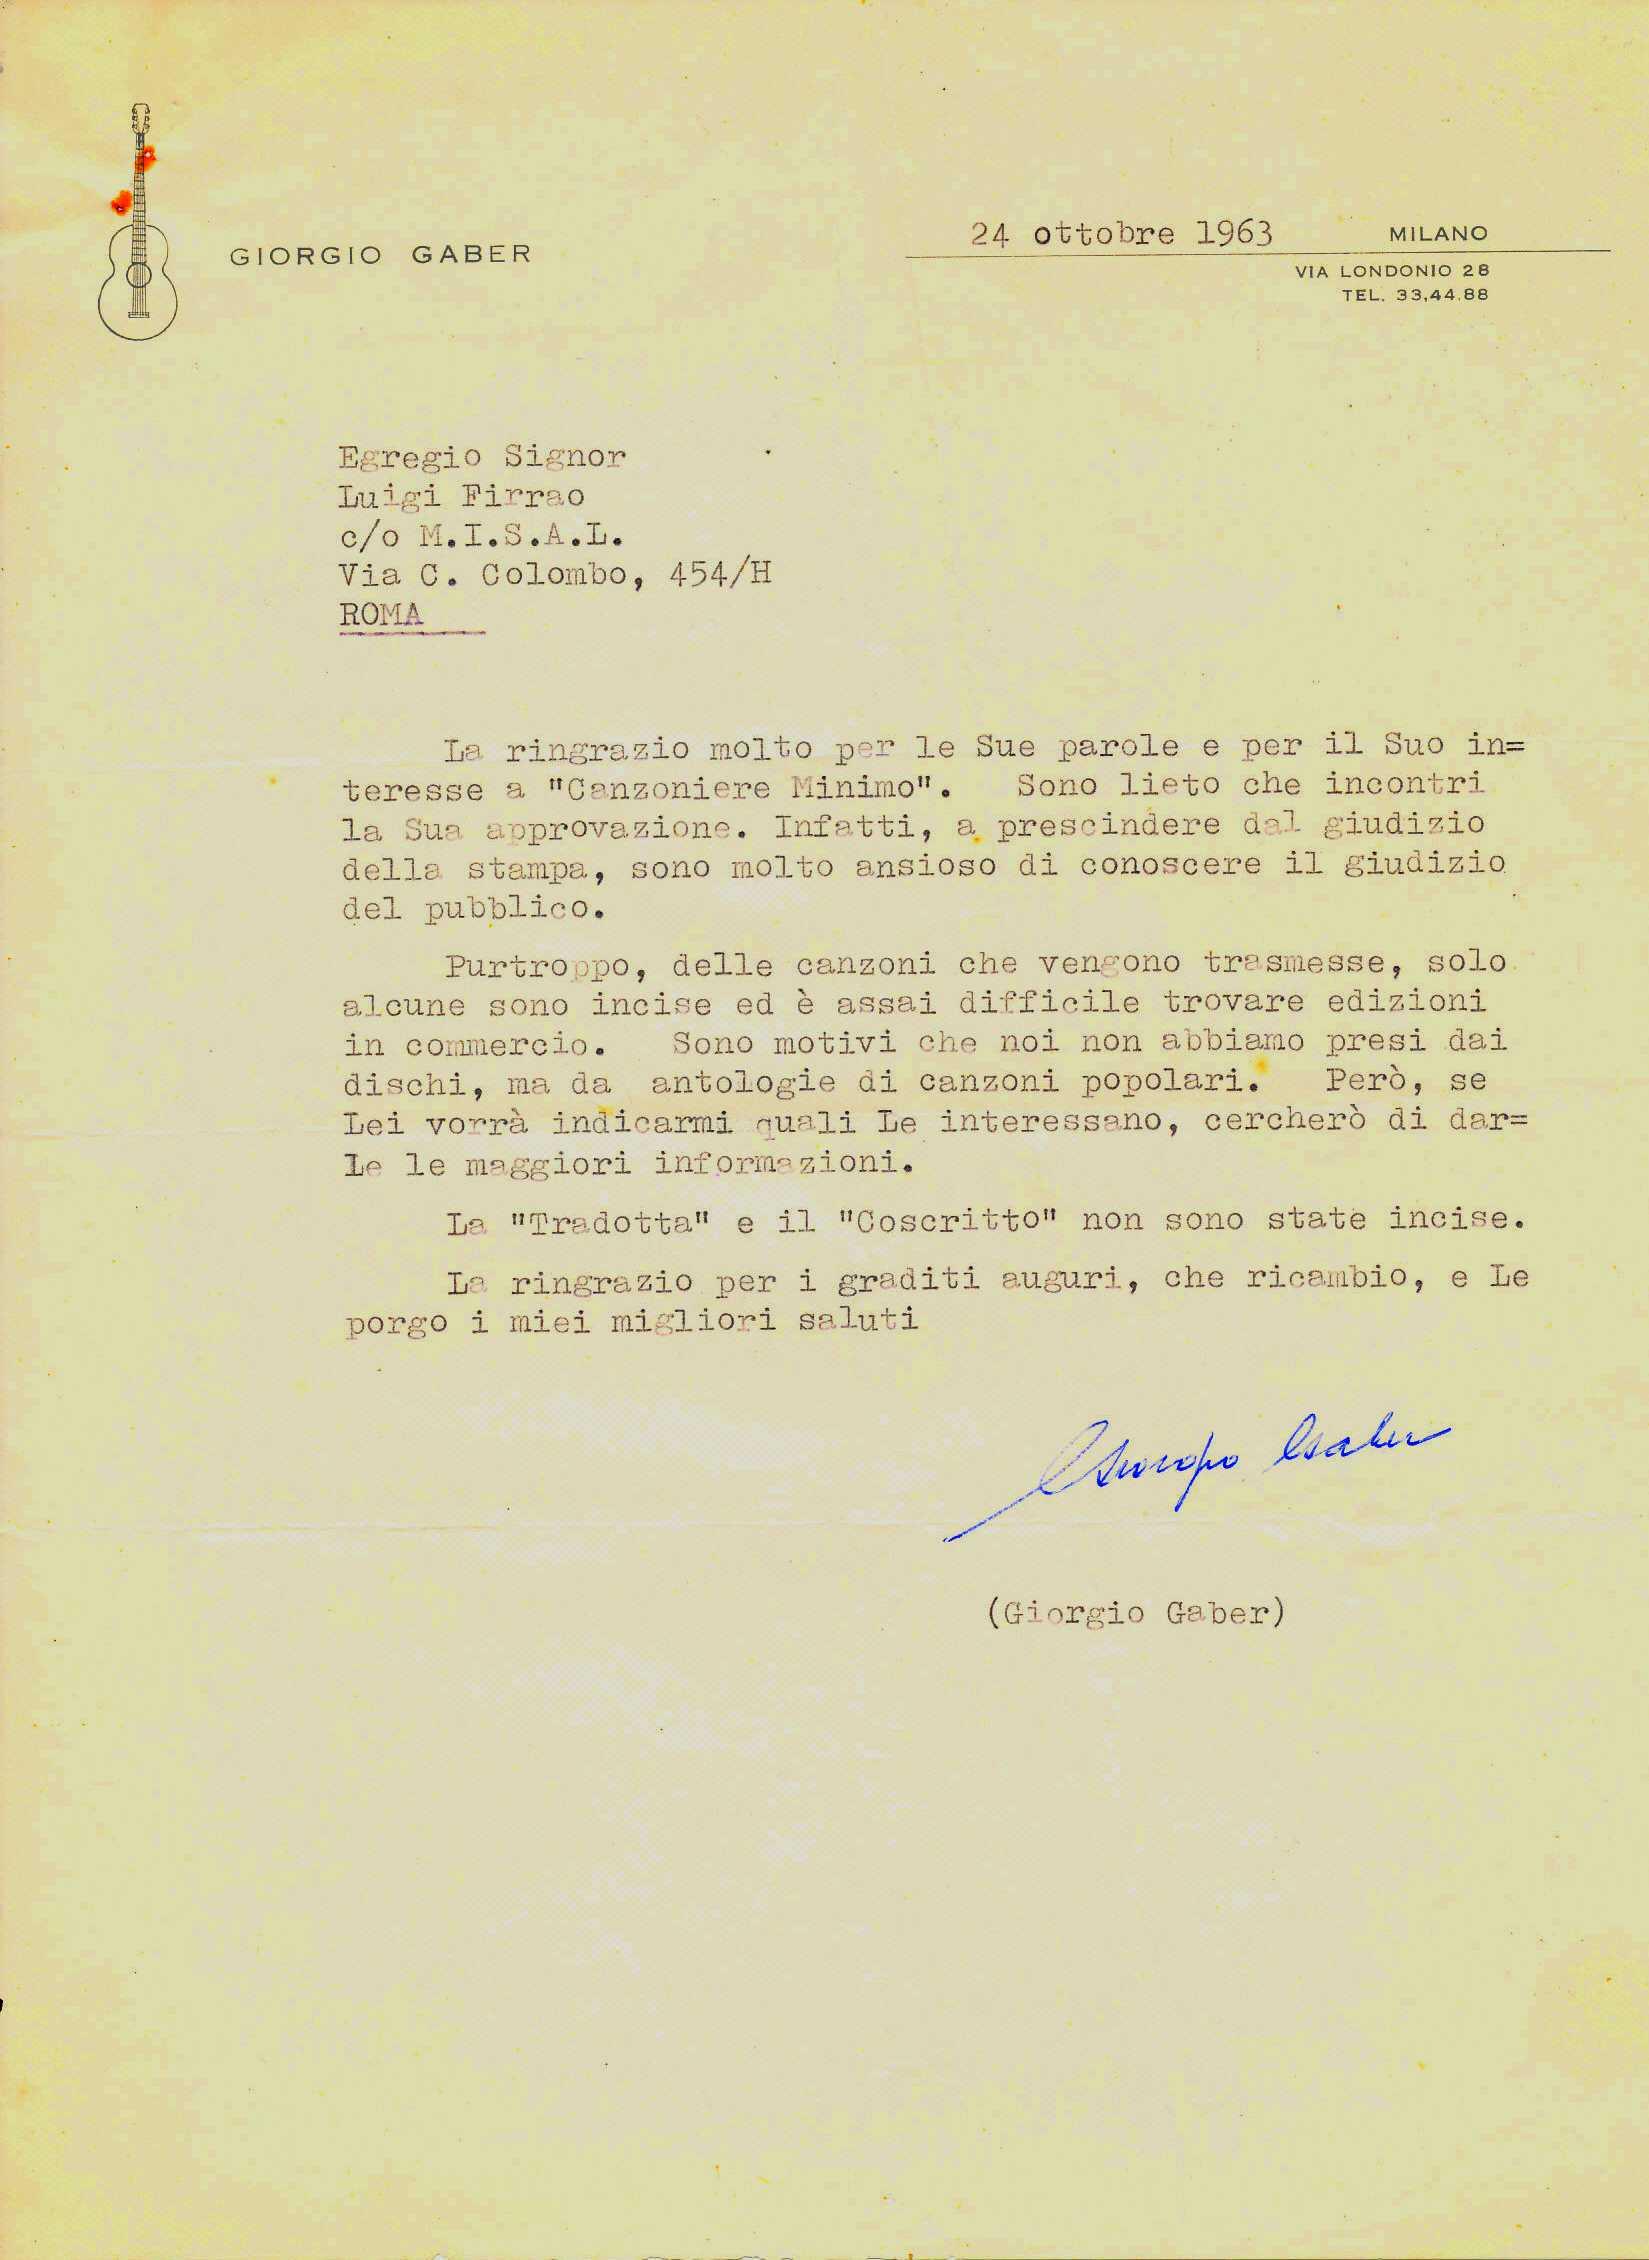 Lettera di Giorgio Gaber a Luigi Firrao, 1963